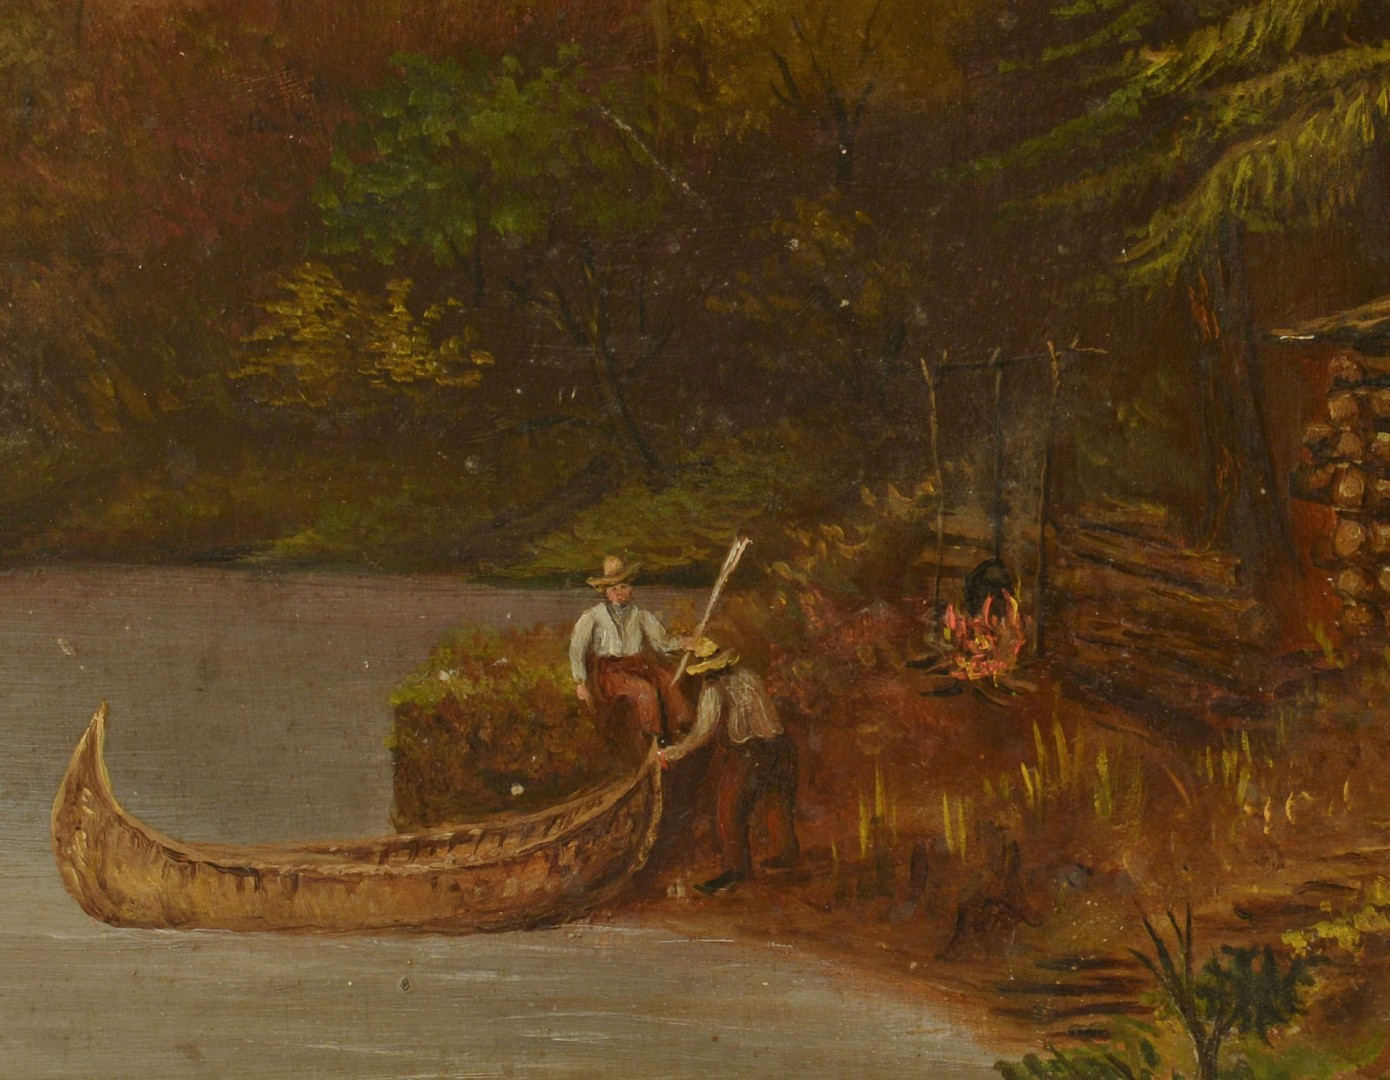 Lot 369: Oil on Board Landscape of Log Cabin & Canoe